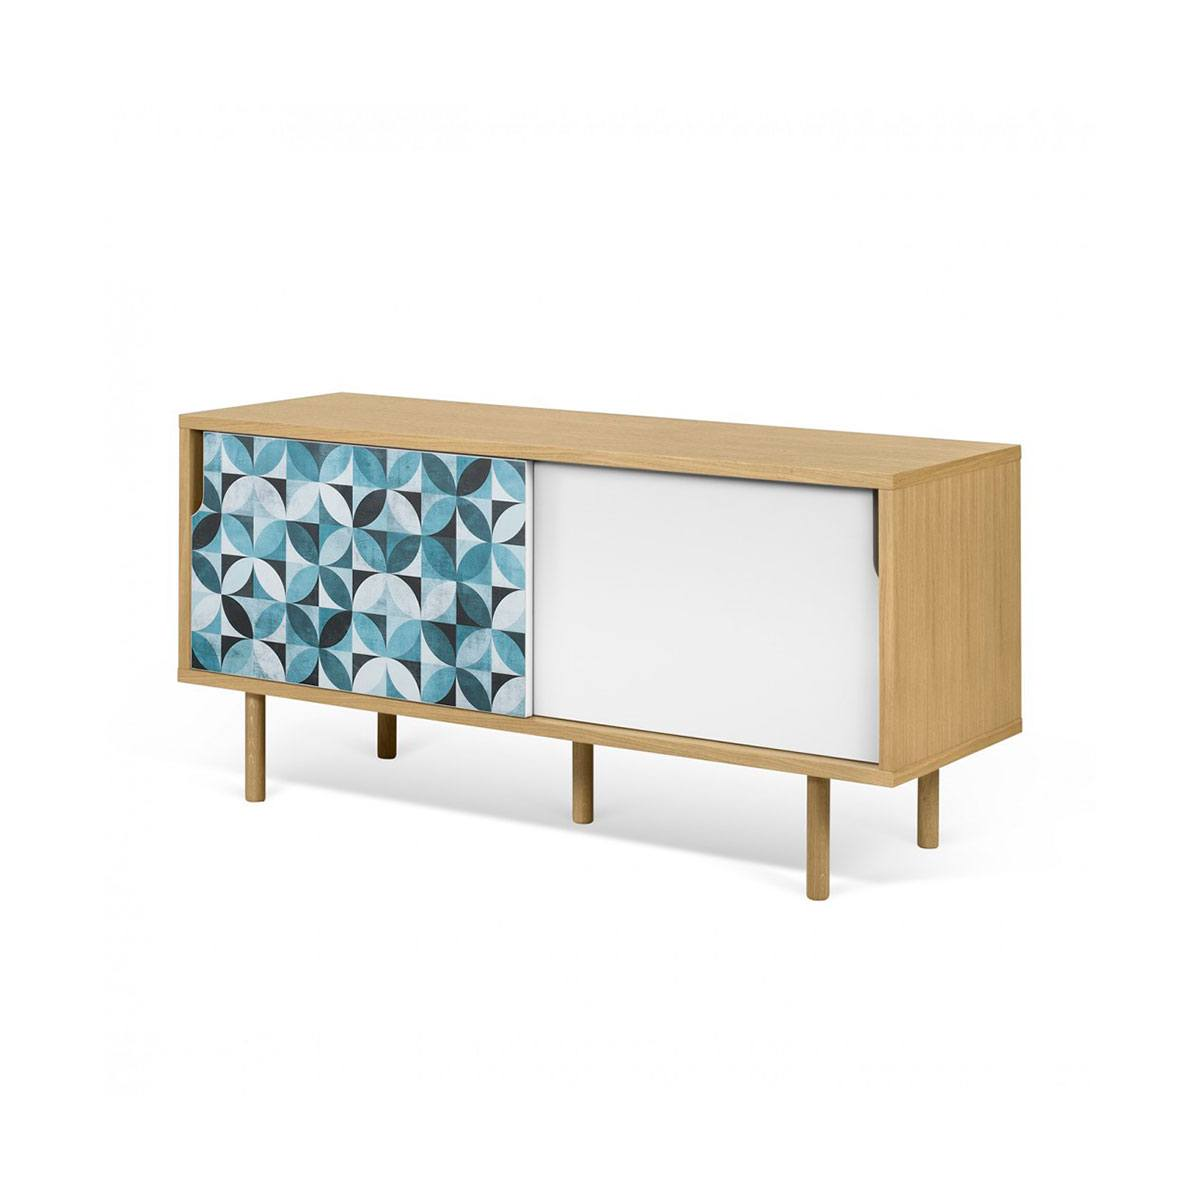 Mueble TV modular puertas corredizas con vinilo 135cm. Artikalia